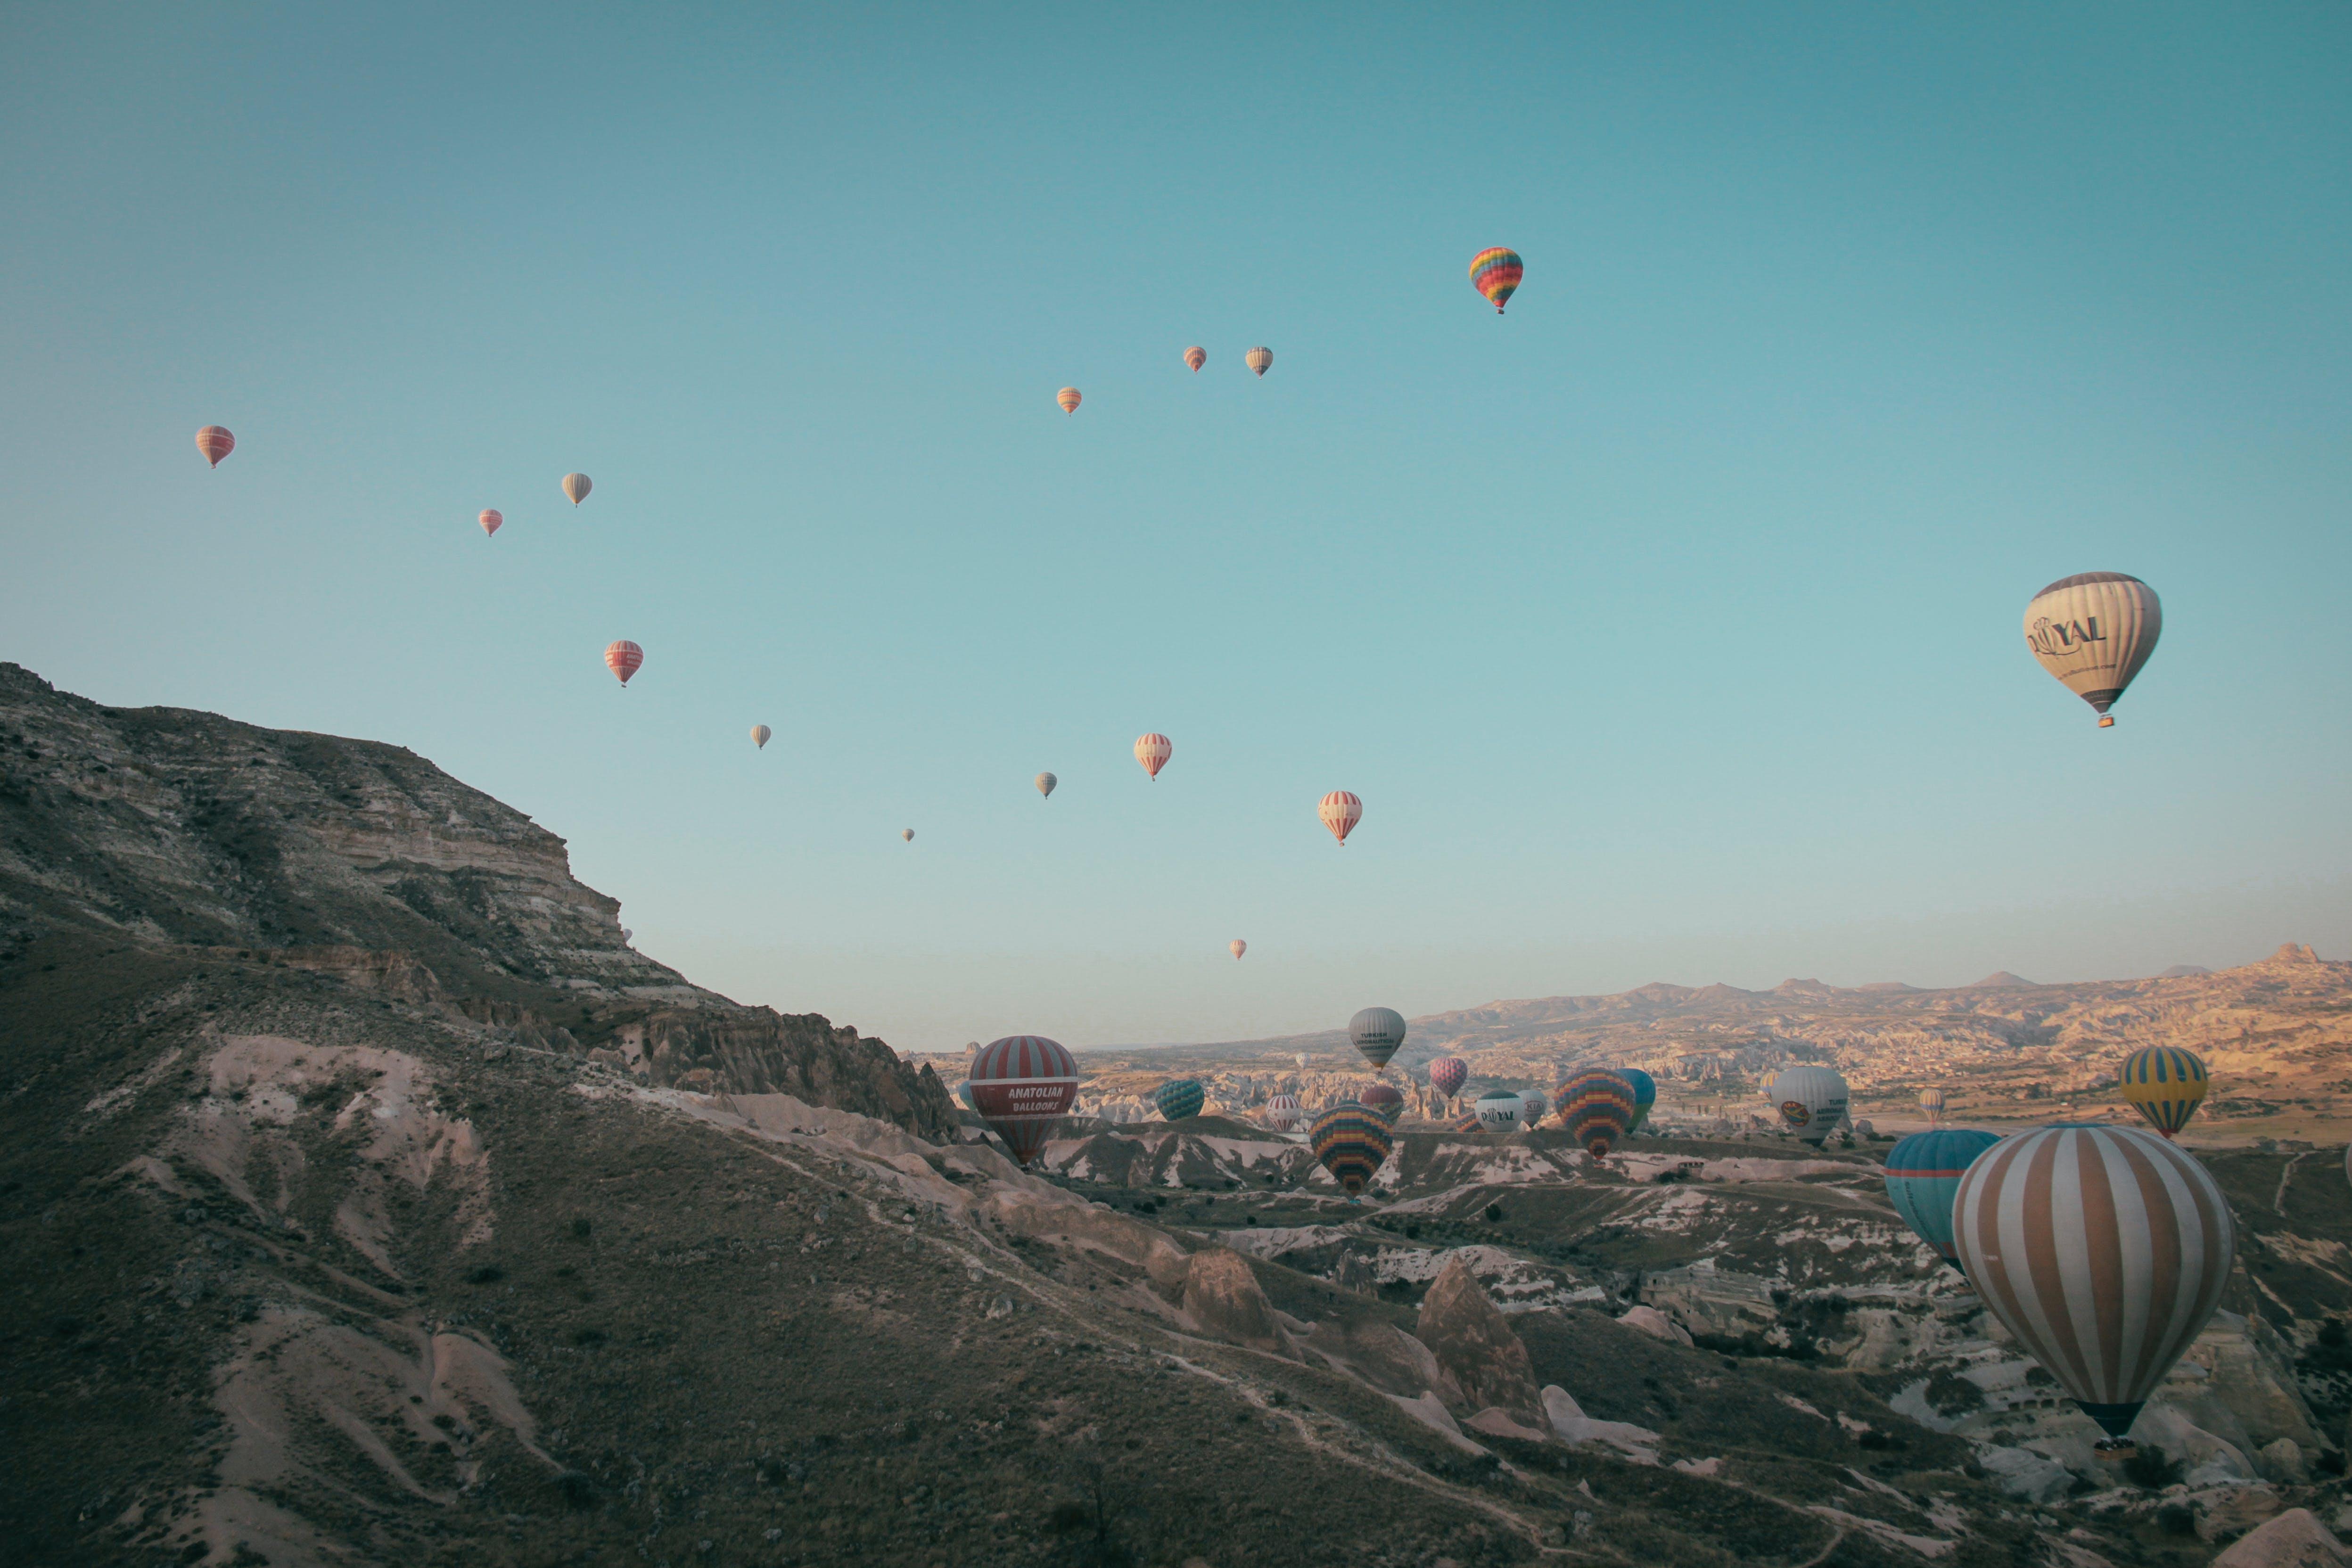 Gratis lagerfoto af balloner, bjerge, eventyr, flyrejse